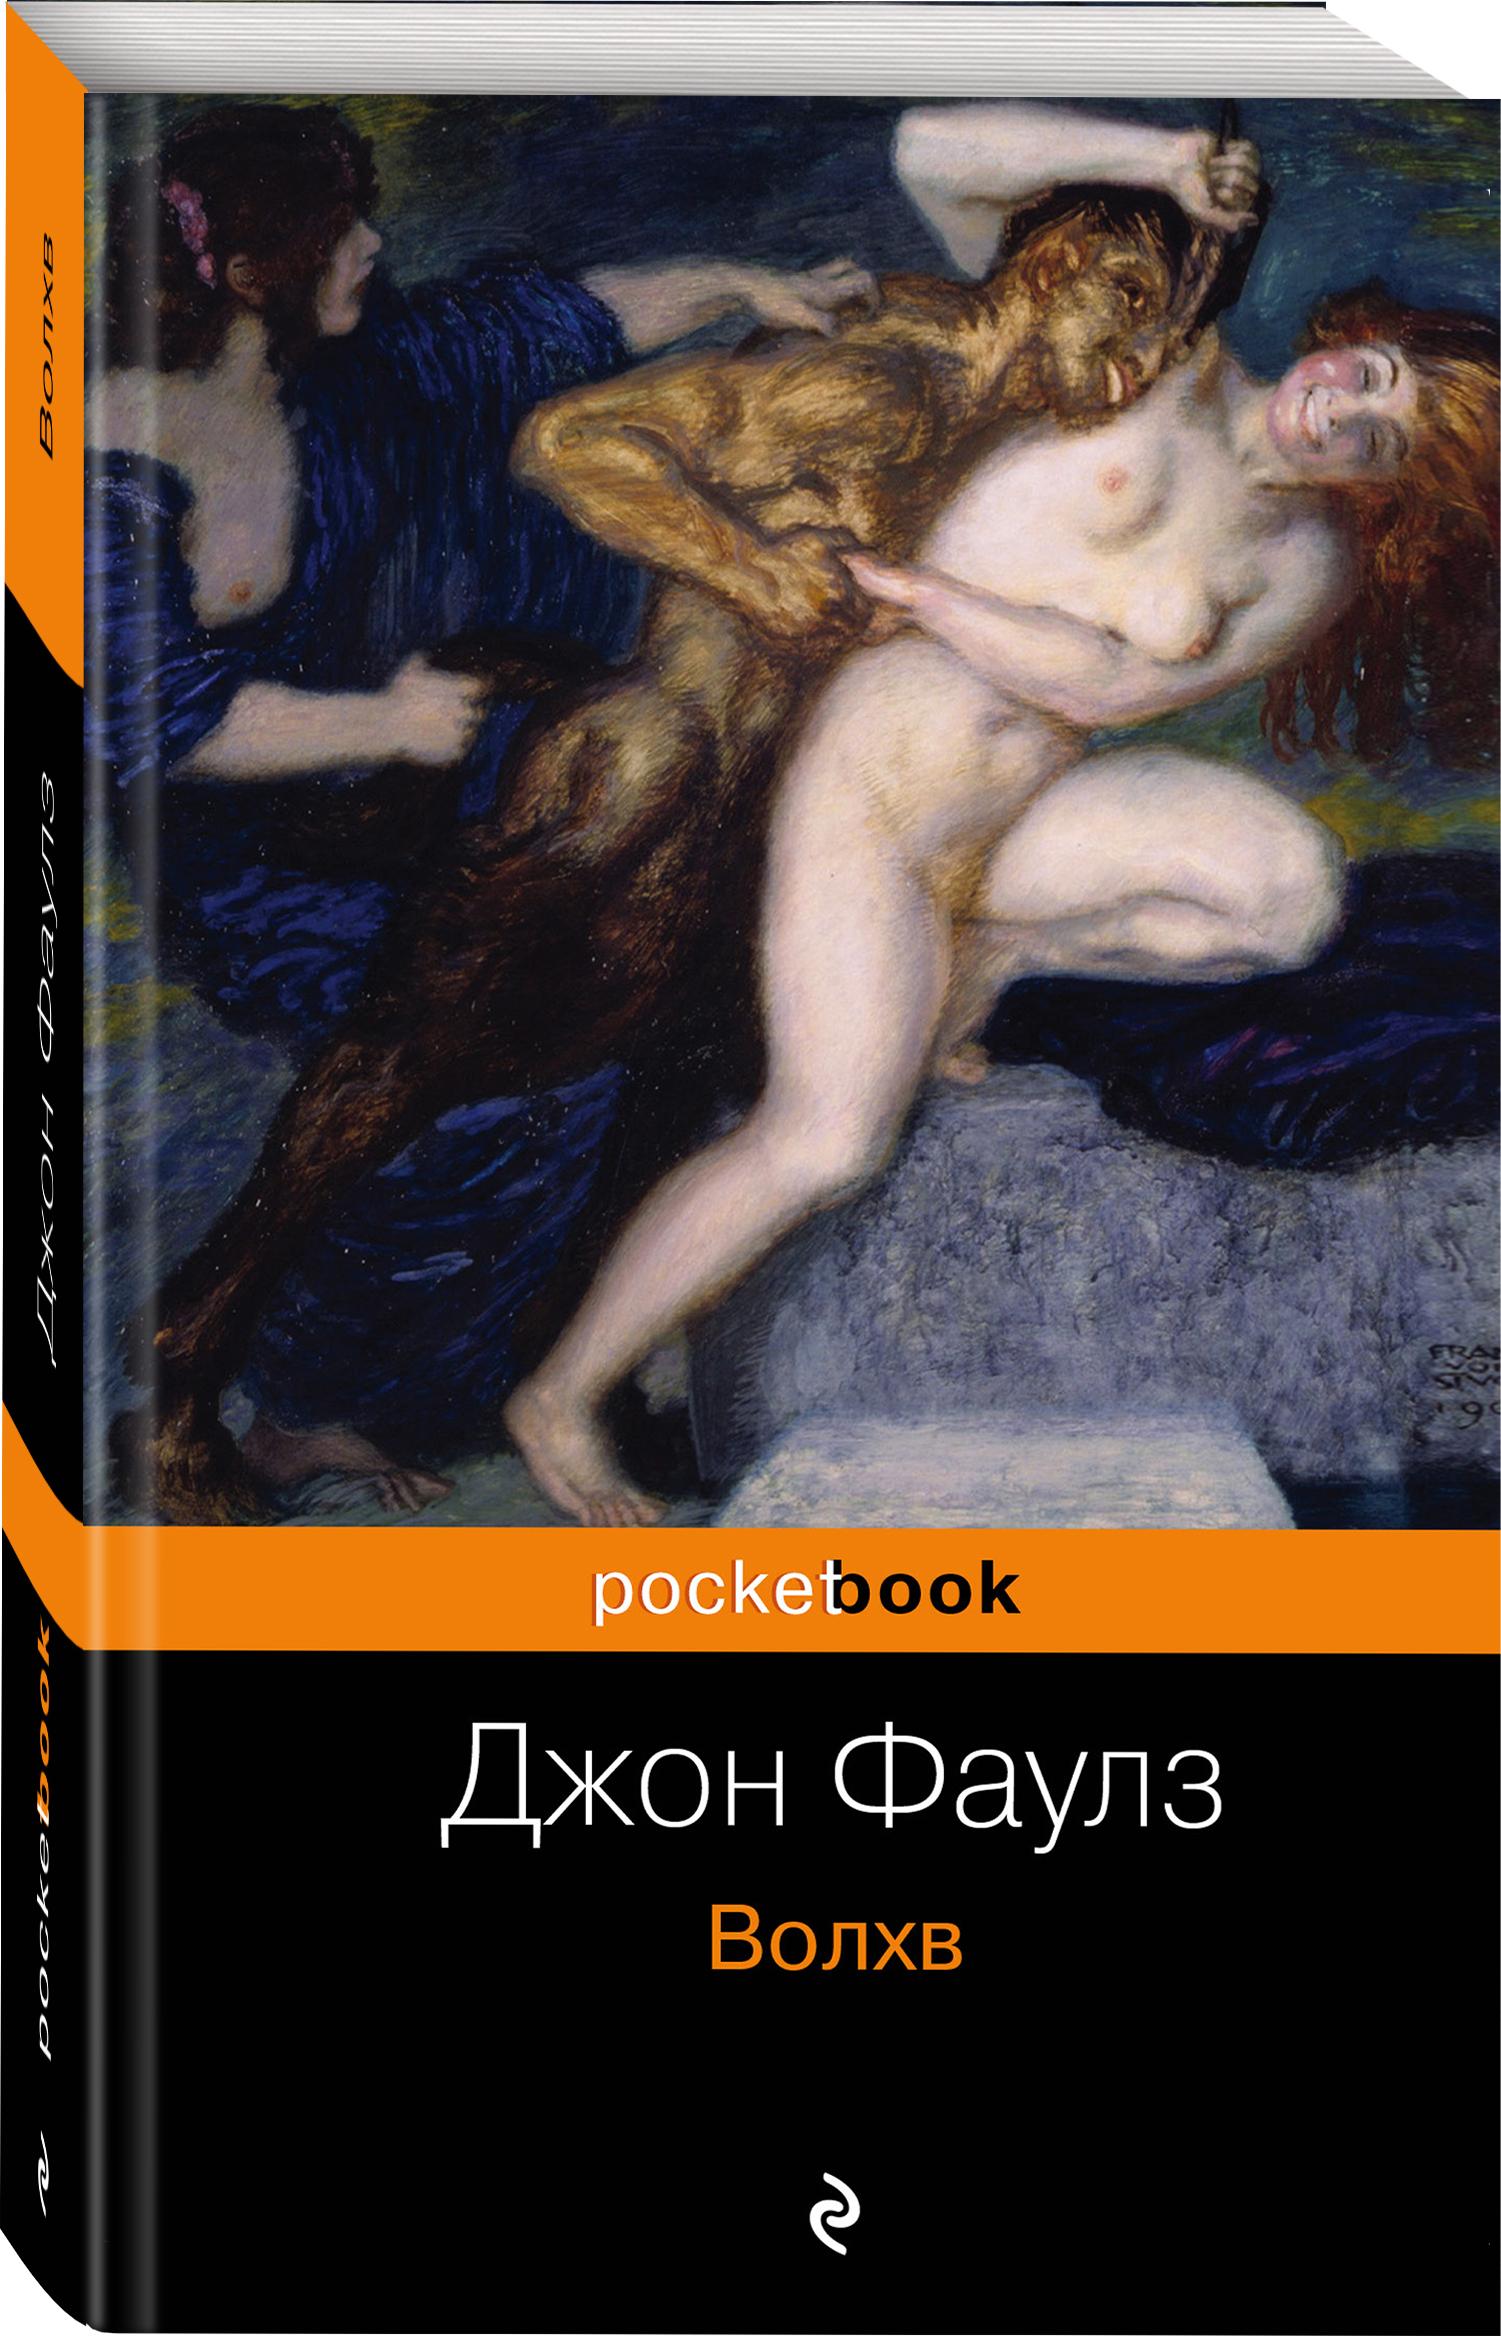 Фаулз Дж. Волхв джон фаулз комплект из 2 книг